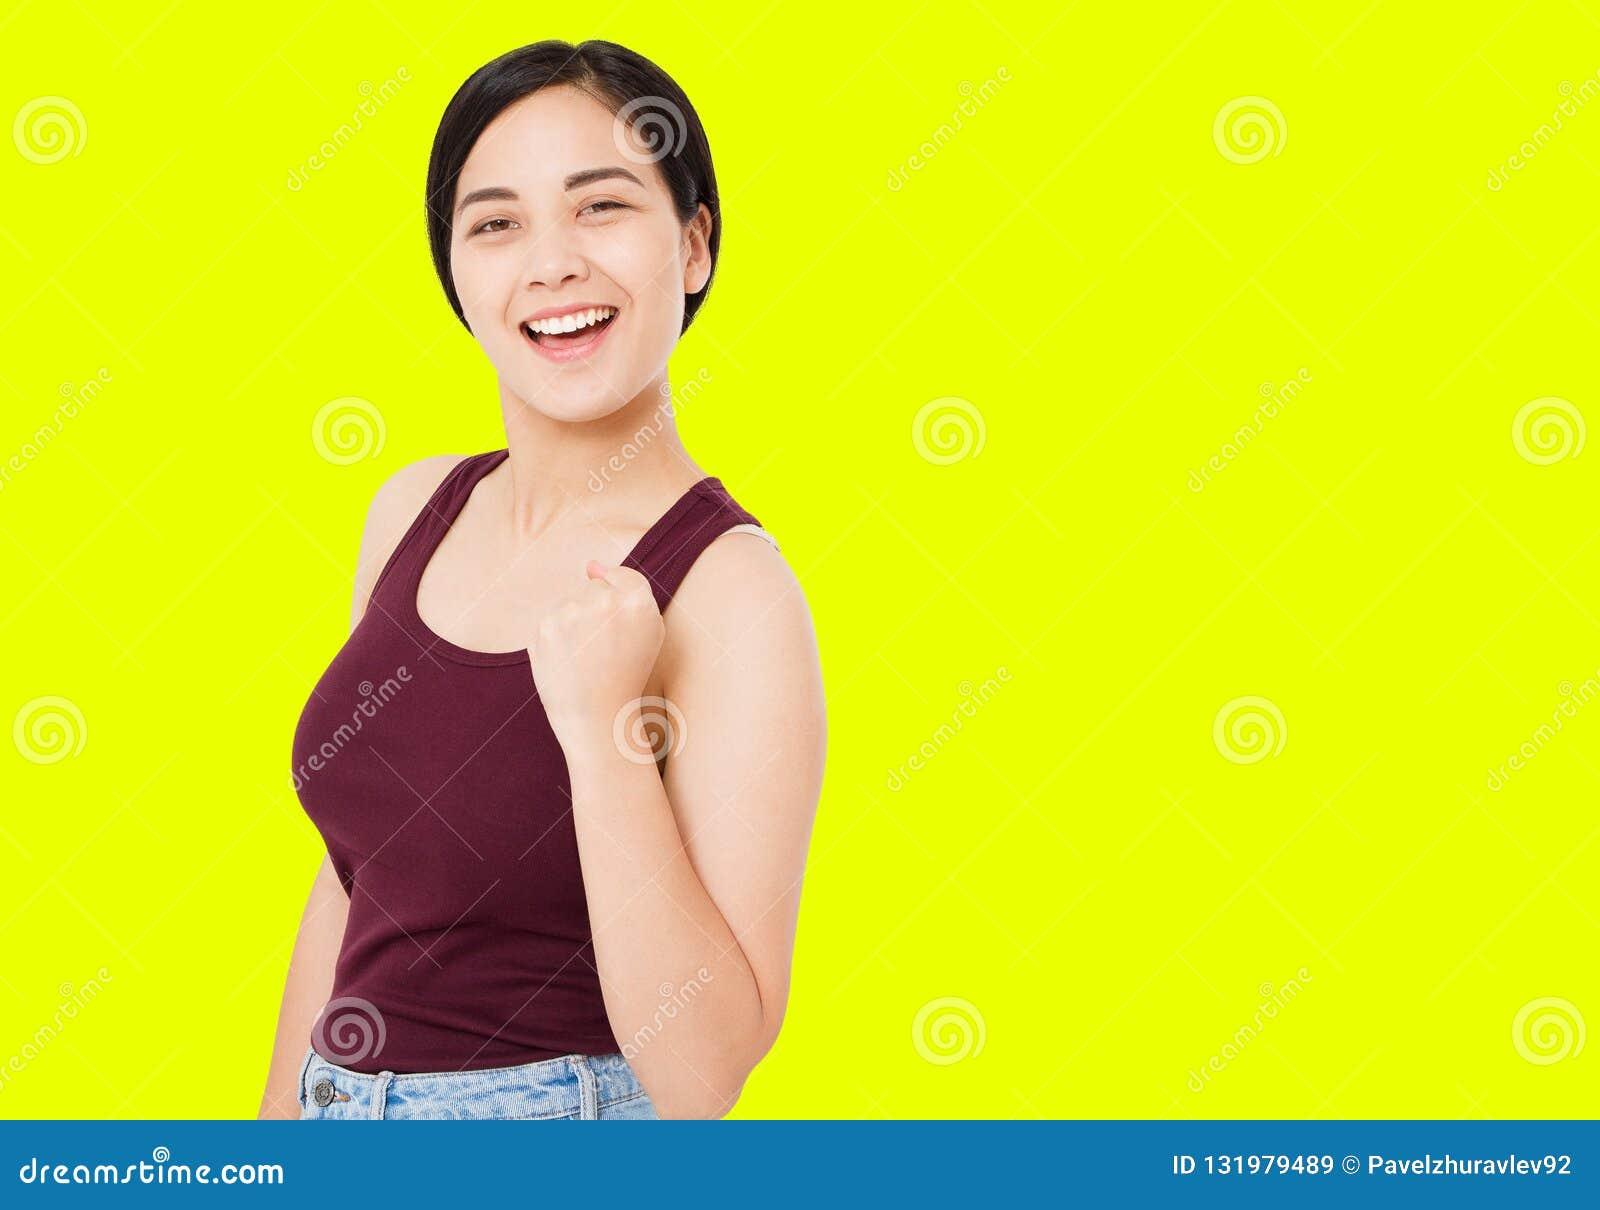 Η επιτυχής κορεατική, ασιατική γυναίκα που απομονώνεται στο κίτρινο υπόβαθρο, κορίτσι παρουσιάζει χειρονομία των αντίχειρων θετικ